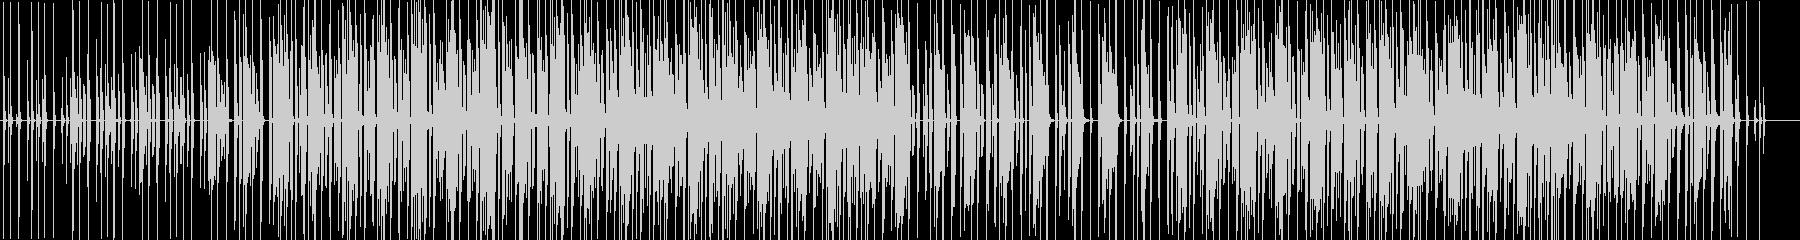 動画-ナチュラルでお洒落-BGM-木陰の未再生の波形